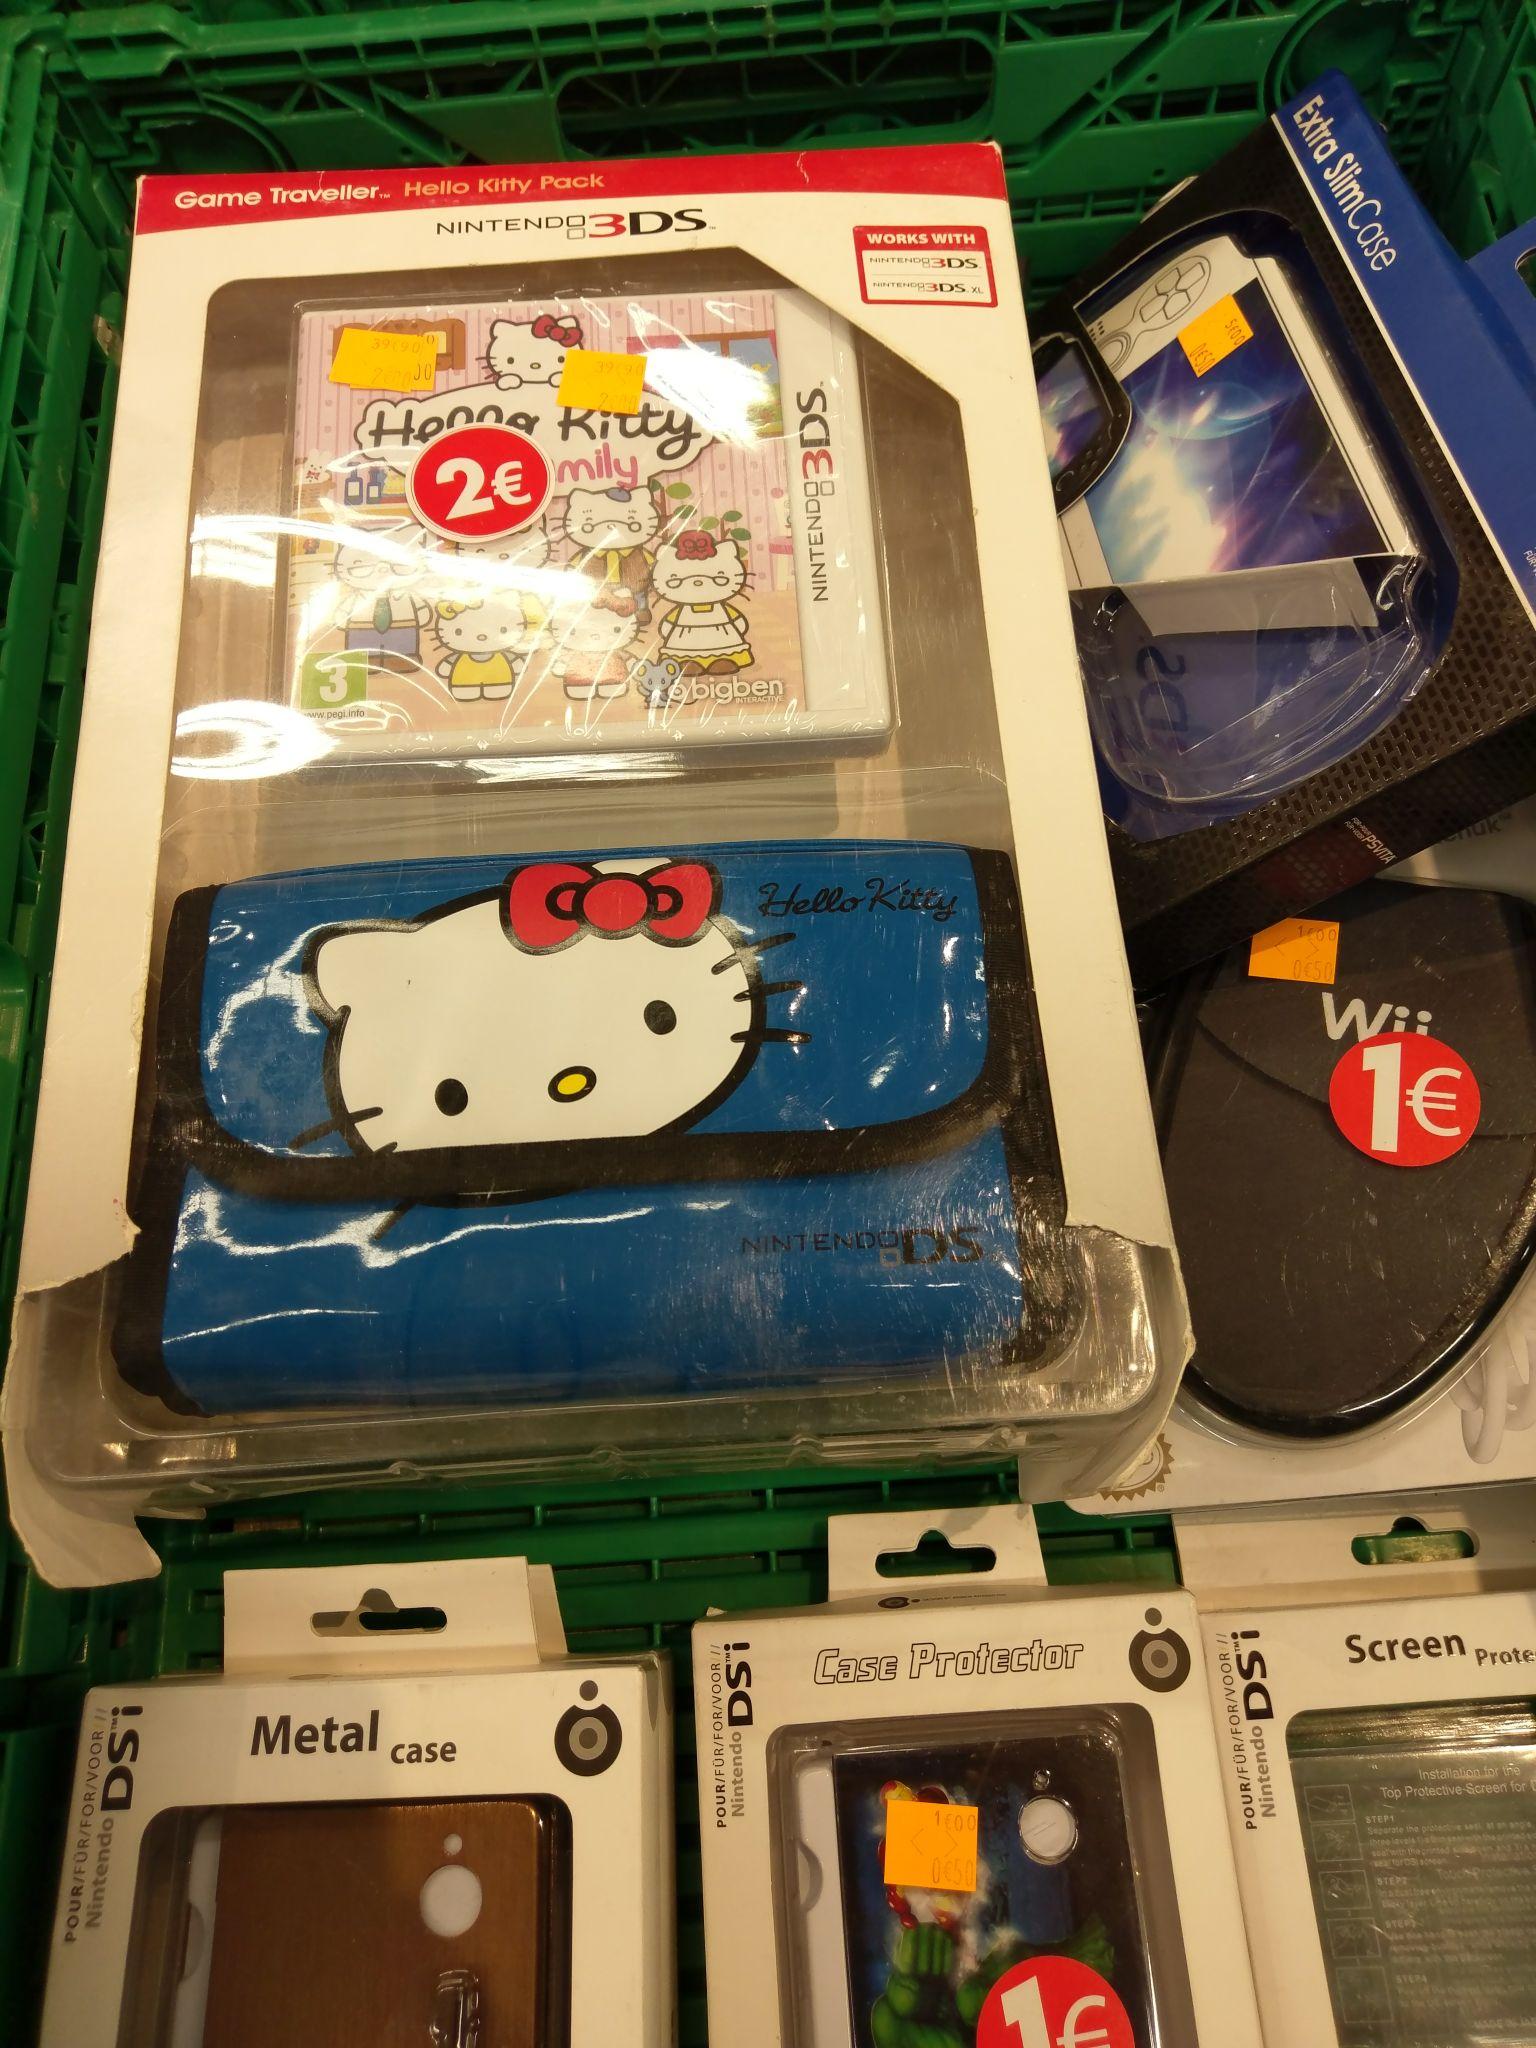 Sélection d'accessoire Wii,ds ou PS Vita en promotion - Ex : Pack Housse + Jeu Hello Kitty pour 3DS - Carrefour Saint Brice sous forêt (95)